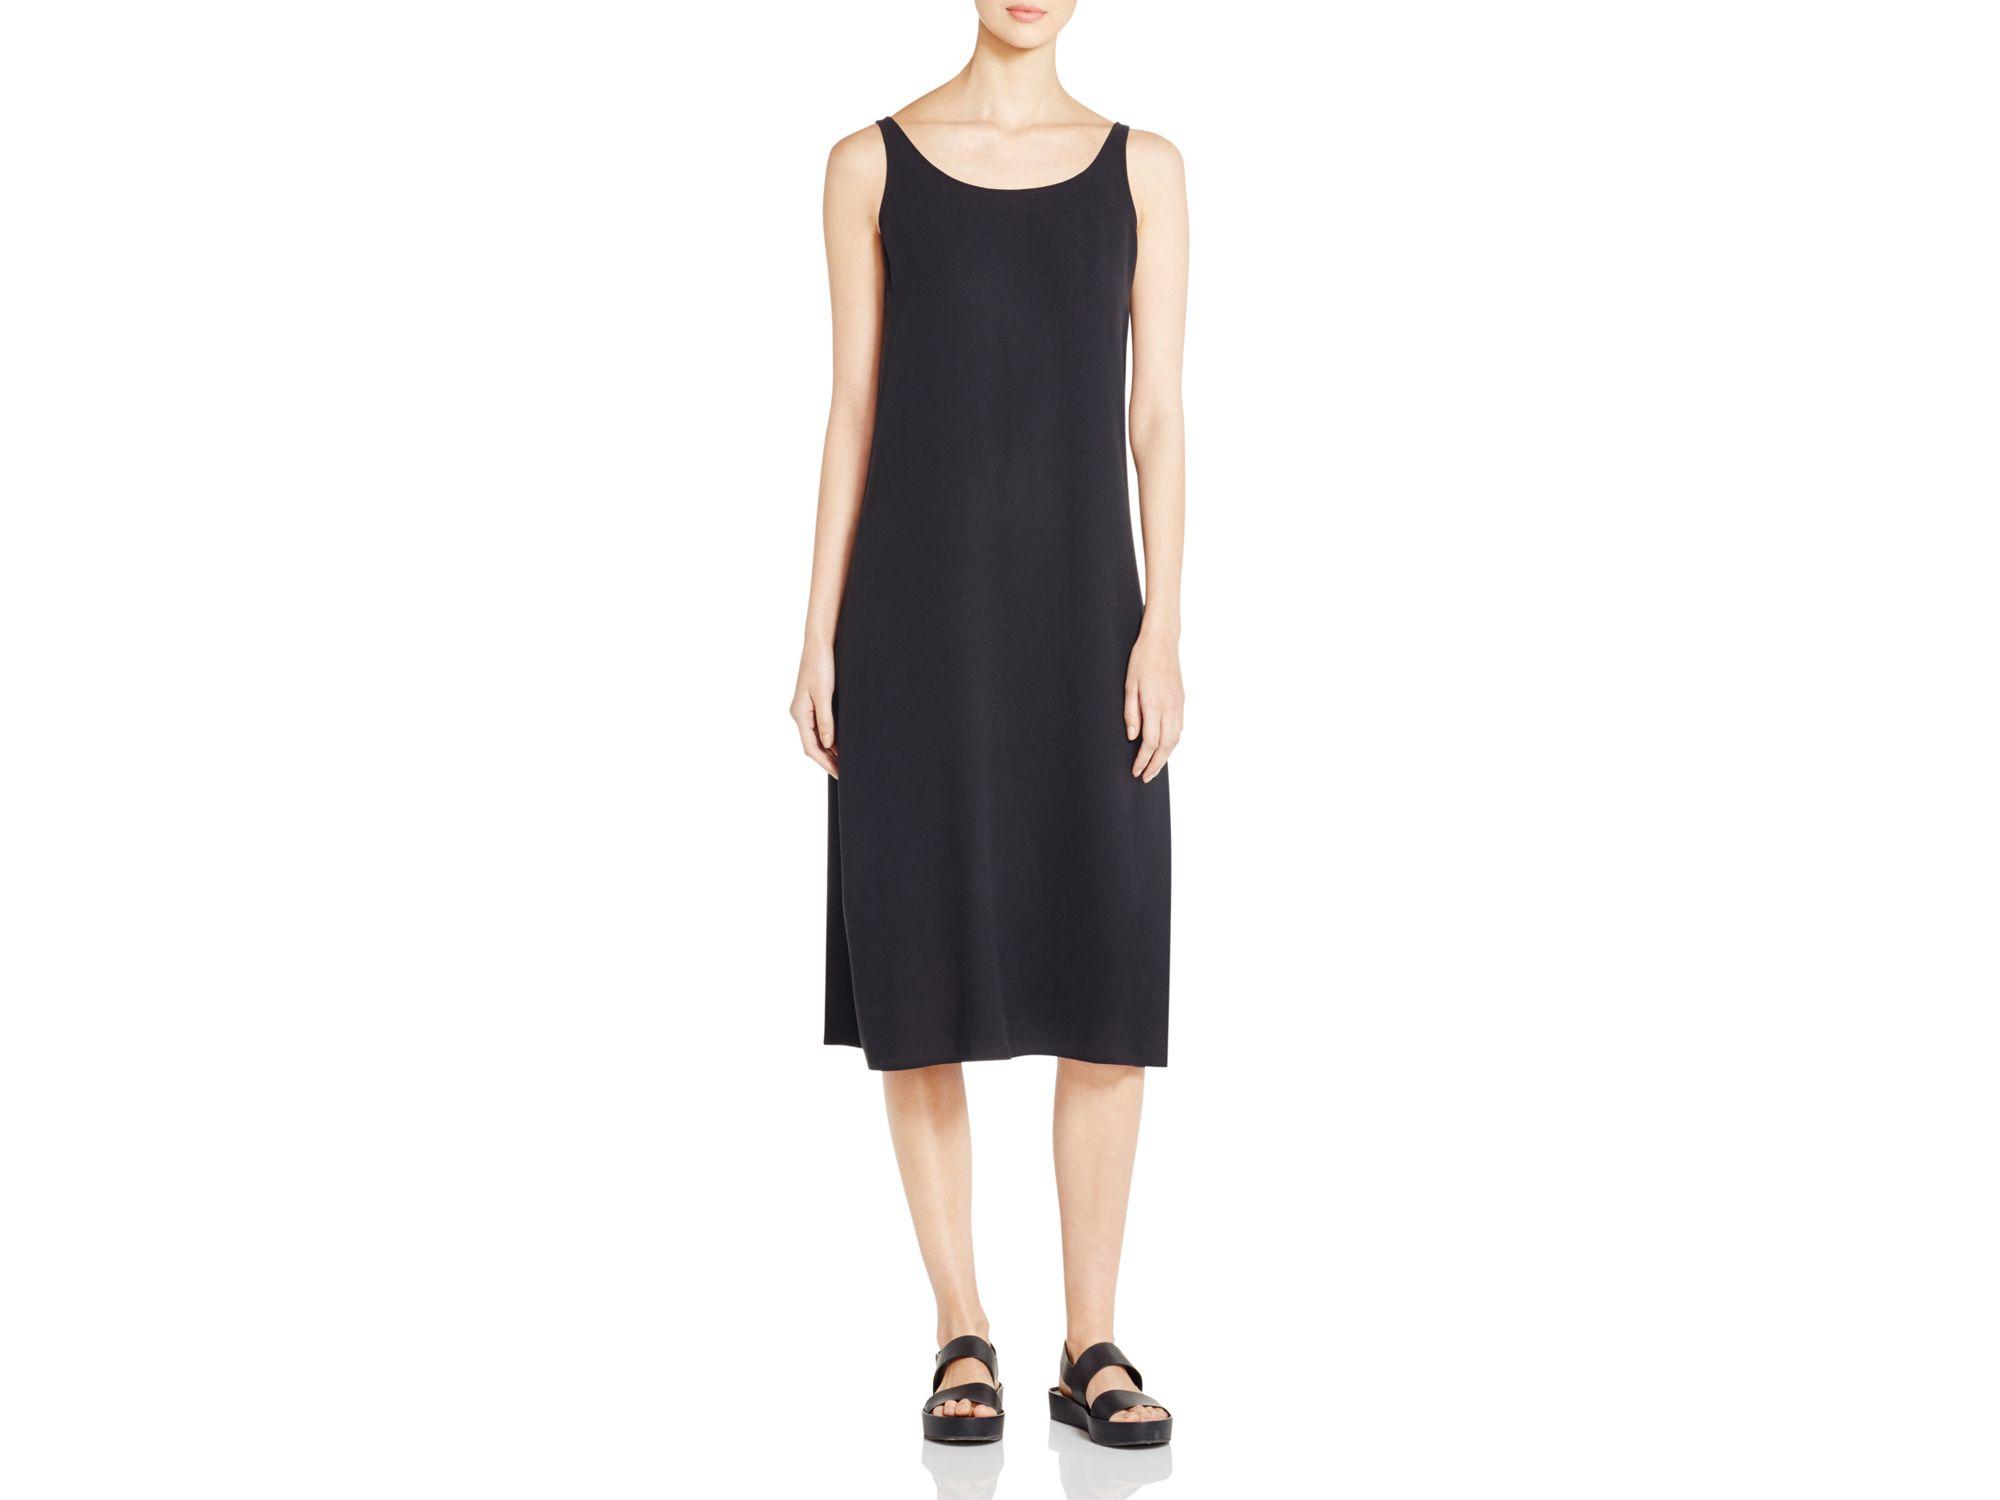 d0f58793b37d78 Lyst - Eileen Fisher Scoop Neck Silk Tank Dress in Black